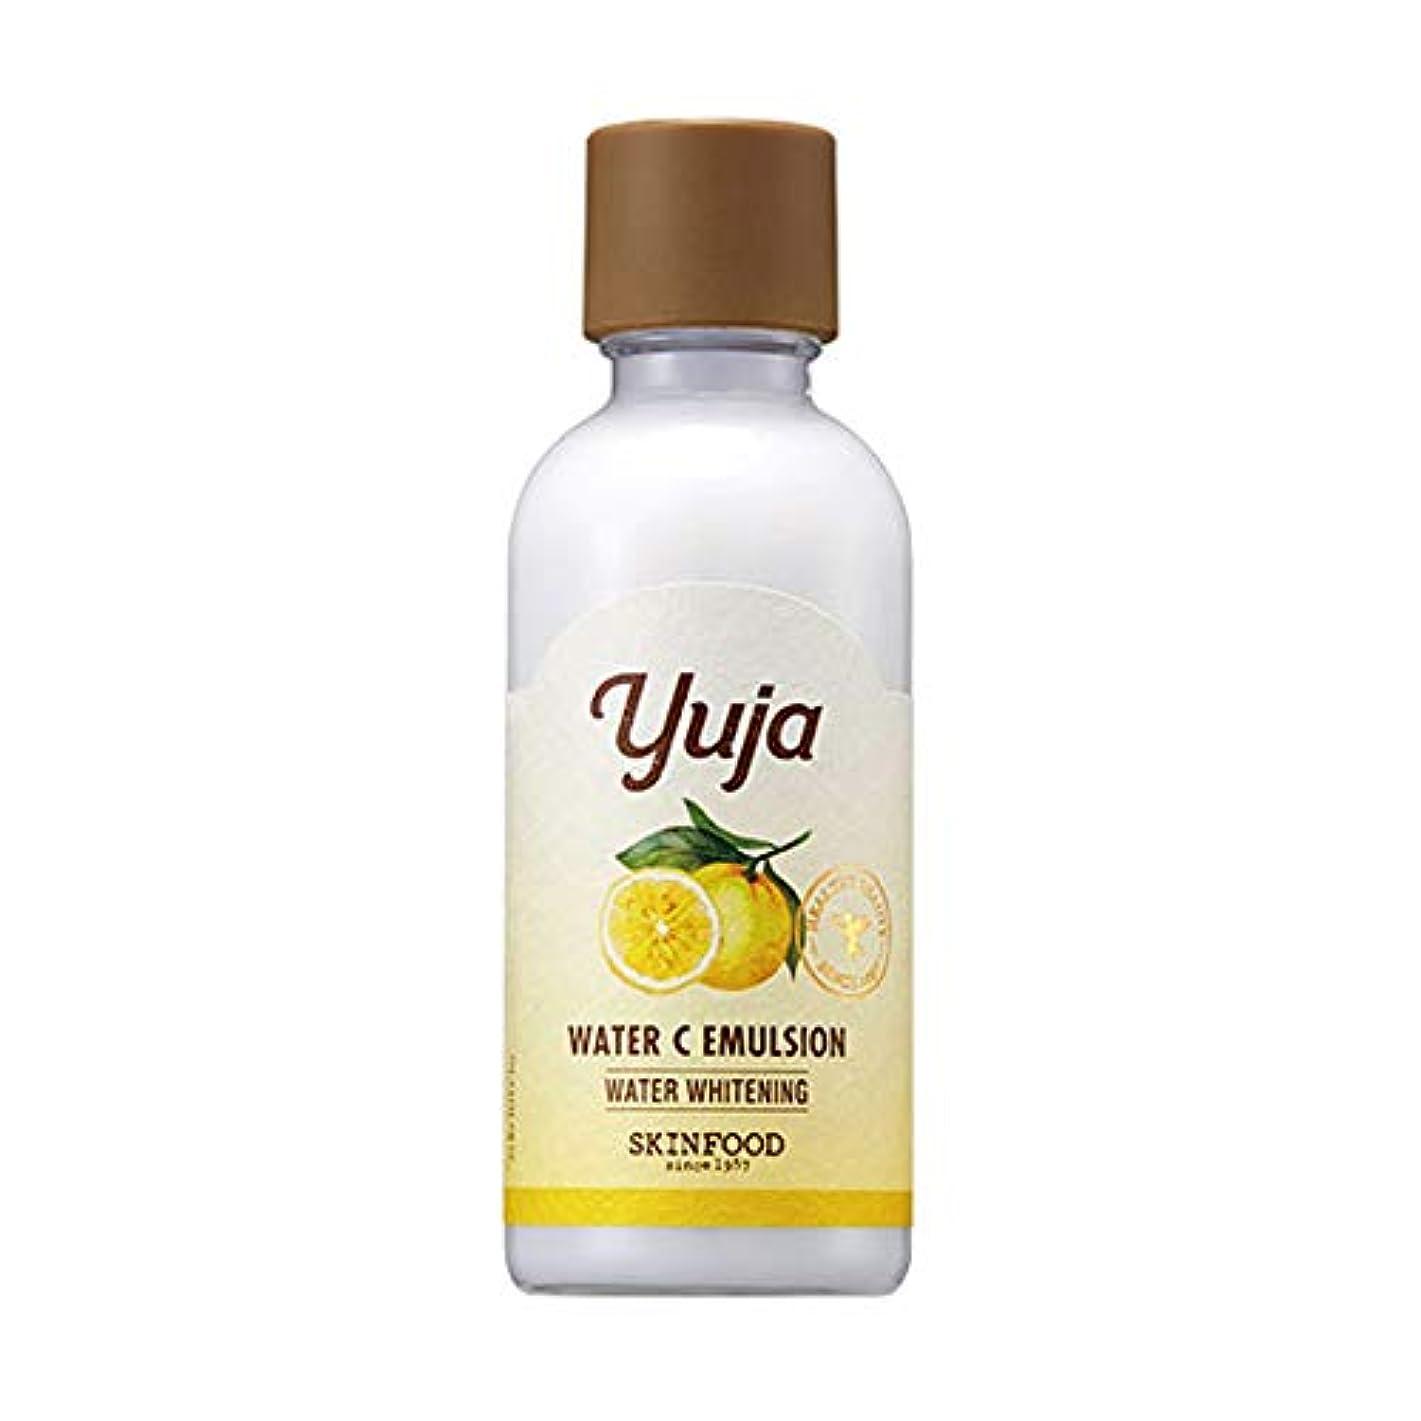 栄養前件モーションSkinfood Yuja Water Cエマルジョン/Yuja Water C Emulsion 160ml [並行輸入品]